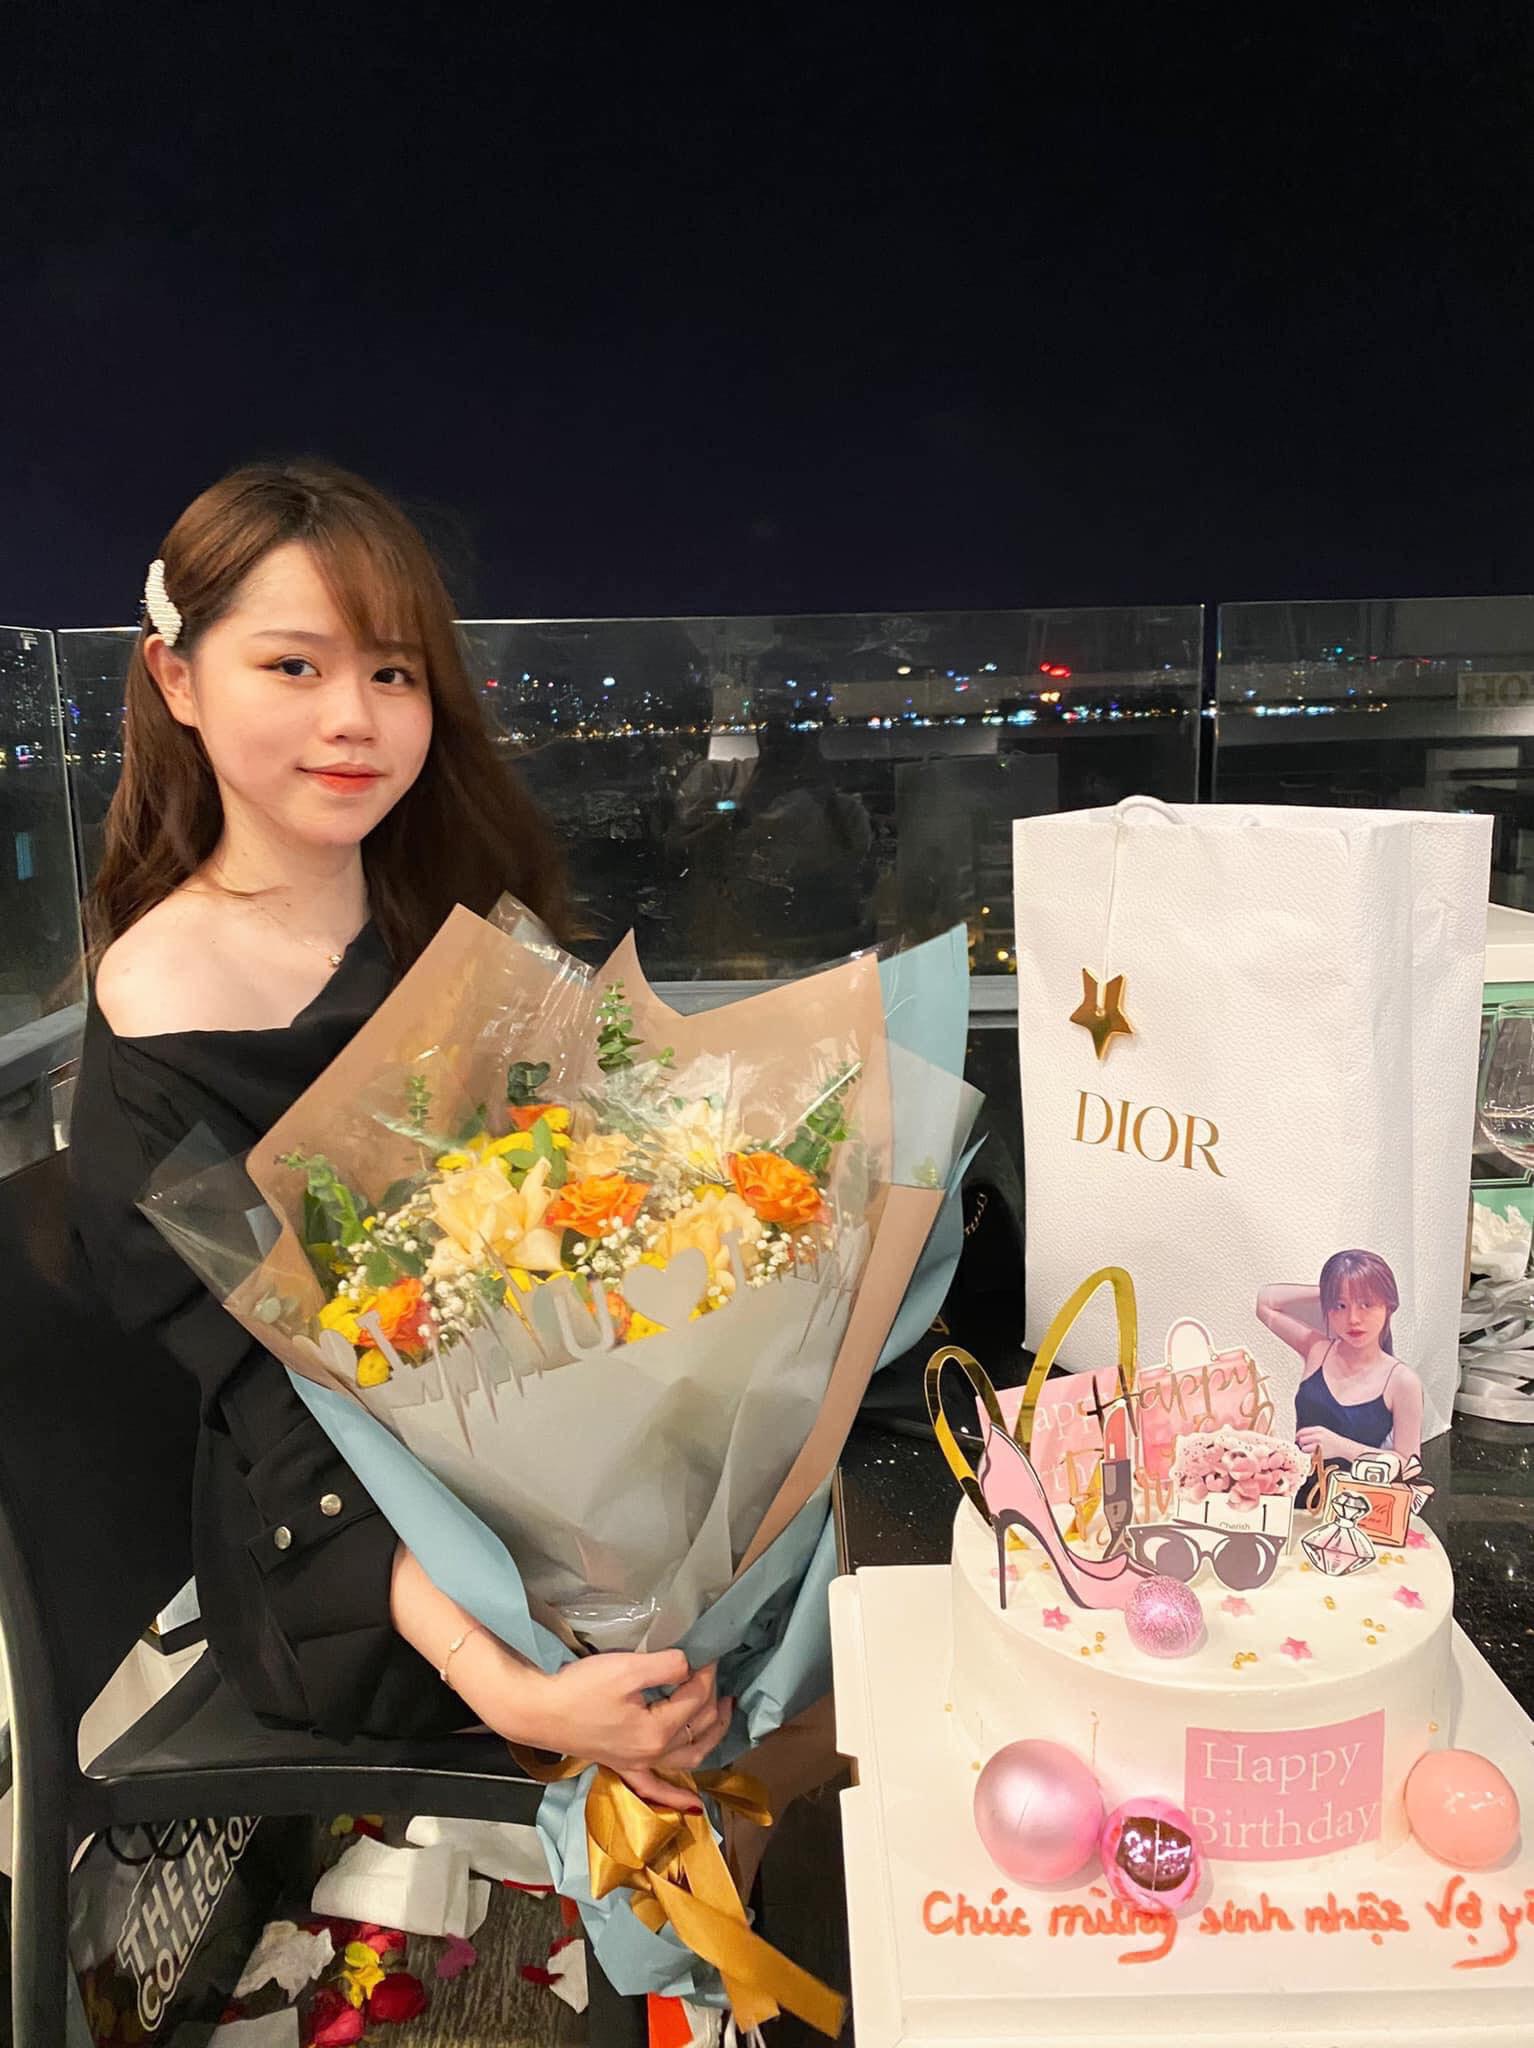 """Chỉ qua góc ảnh lấp ló, hội """"cú vọ"""" đã soi ra quà sinh nhật Quang Hải tặng """"vợ yêu"""" Huỳnh Anh là túi Dior gần trăm triệu - Ảnh 1."""